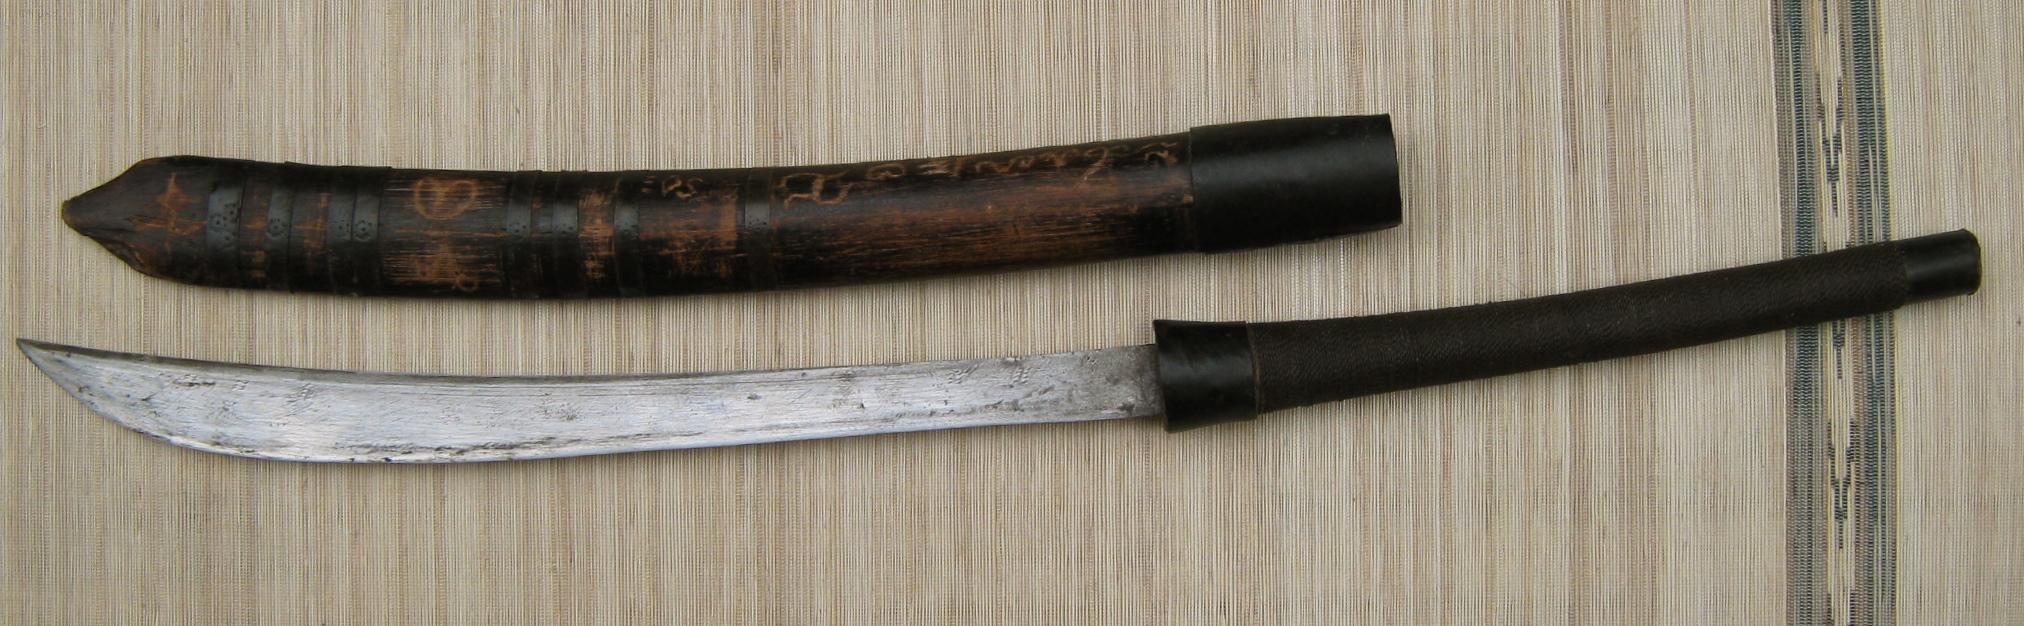 Thai Dha Sword